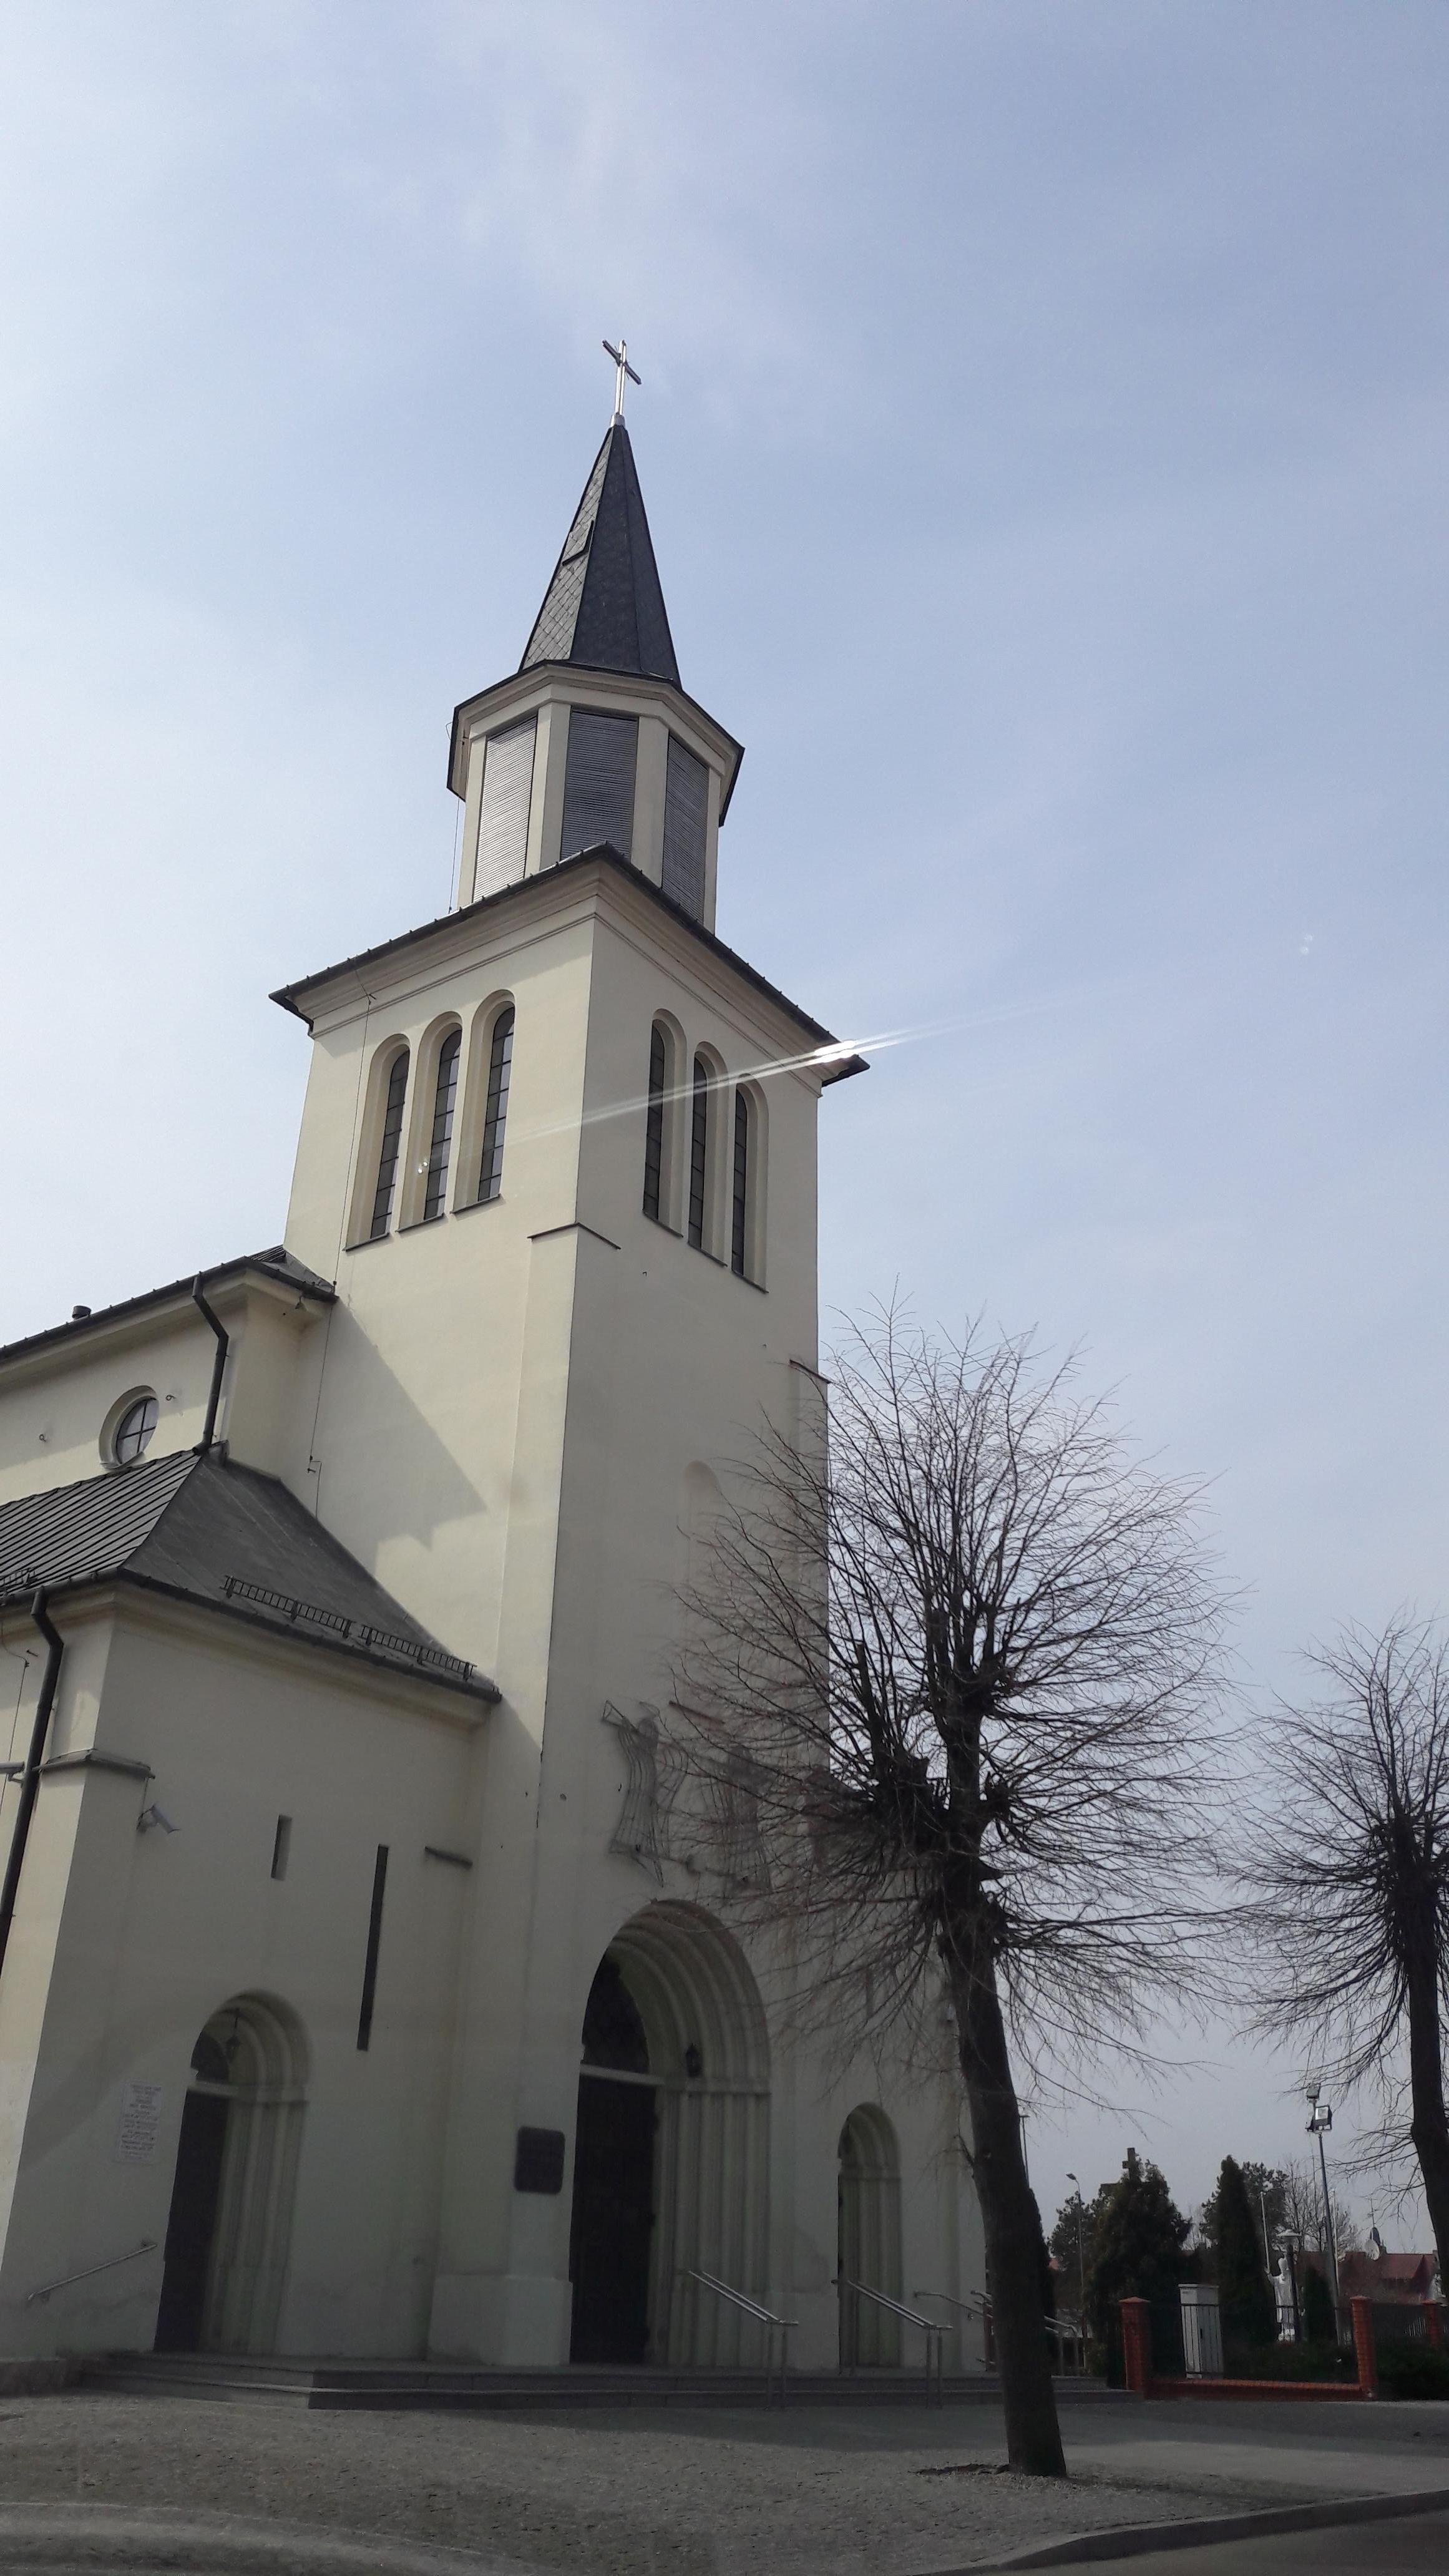 Eglise, Route Bialowieza /Bielsk Podlaski/Bialystok/Monki